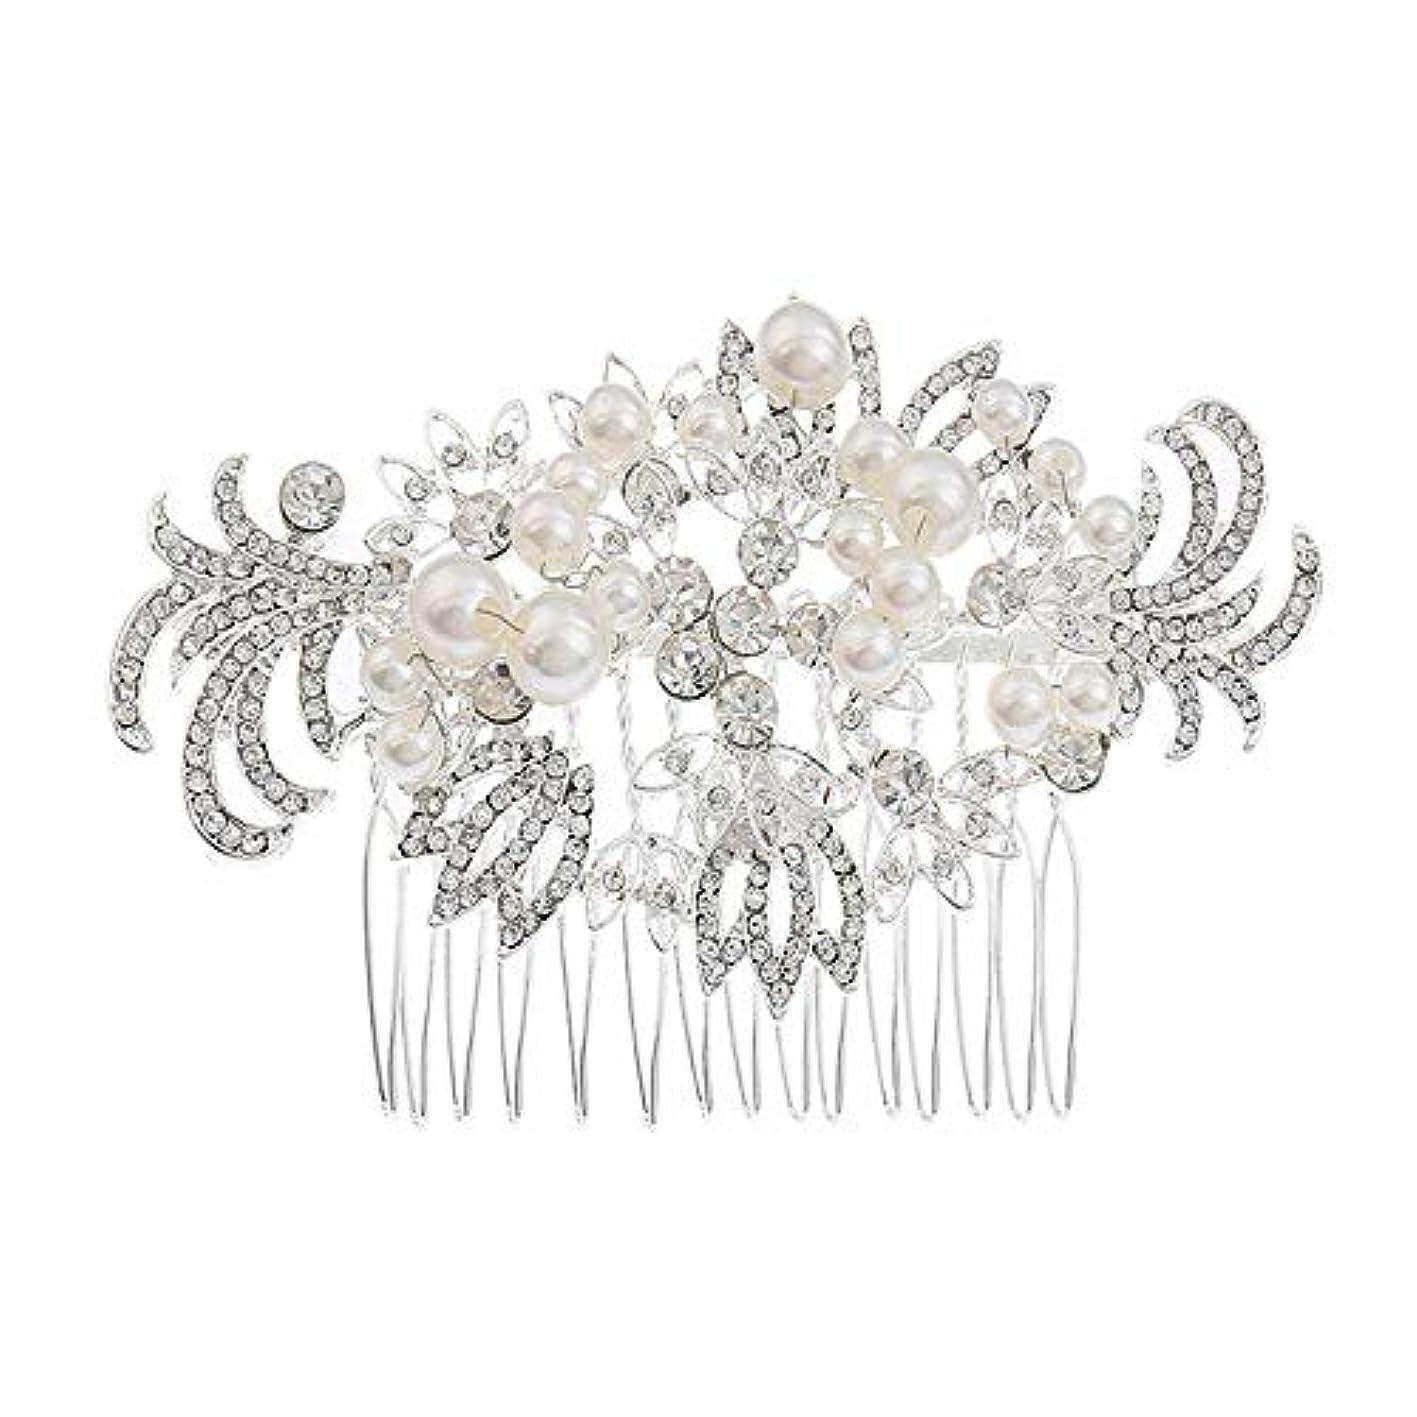 アラスカ腹部炭水化物髪の櫛挿入櫛花嫁の髪櫛真珠の髪の櫛ラインストーンの髪の櫛結婚式のヘアアクセサリー合金の帽子ブライダルヘッドドレス